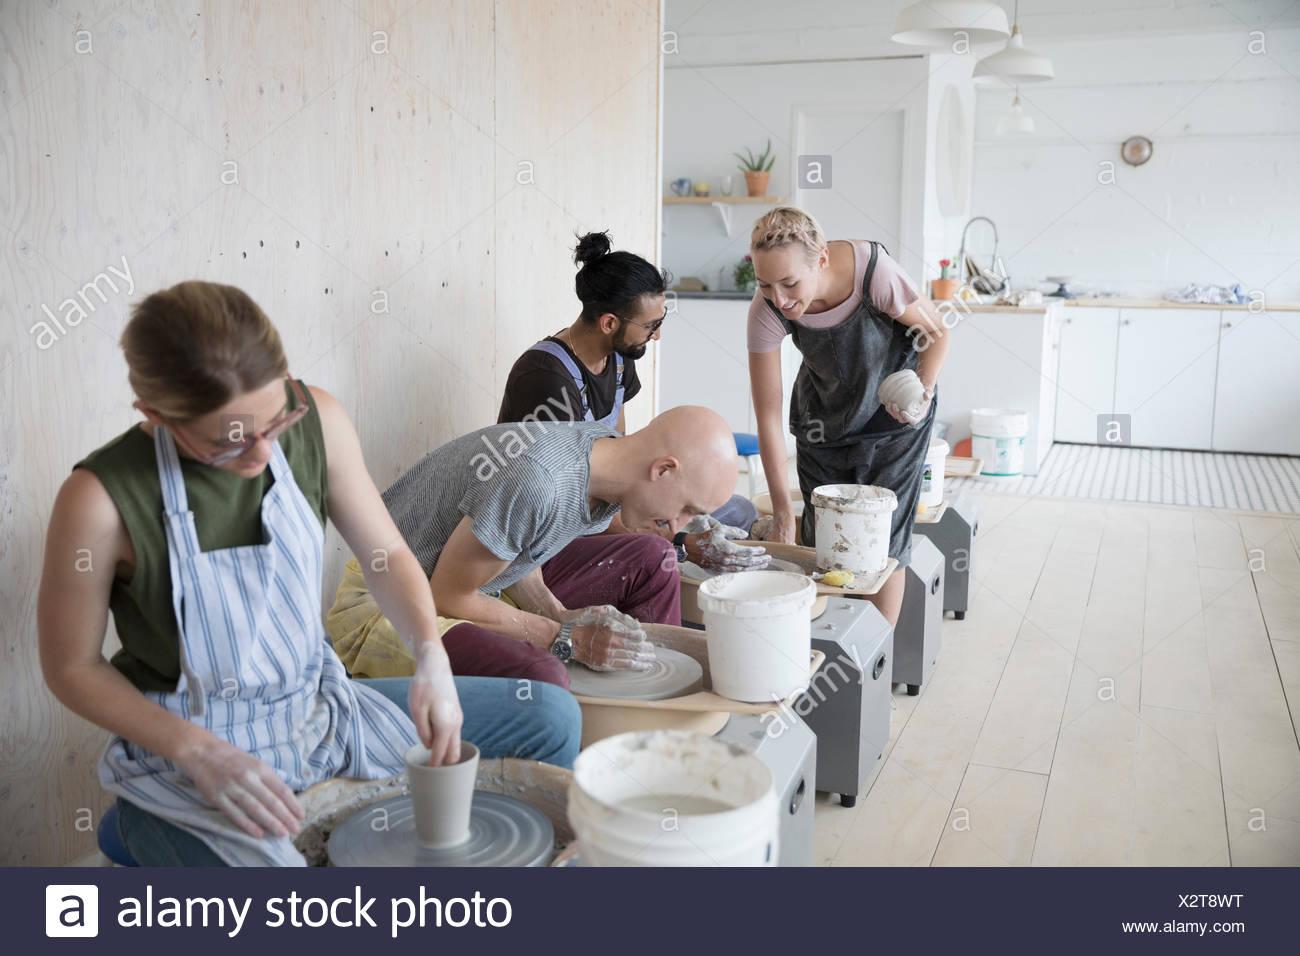 Istruttore ceramiche aiuta gli studenti ad apprendere come utilizzare ruote di ceramiche in art studio Immagini Stock